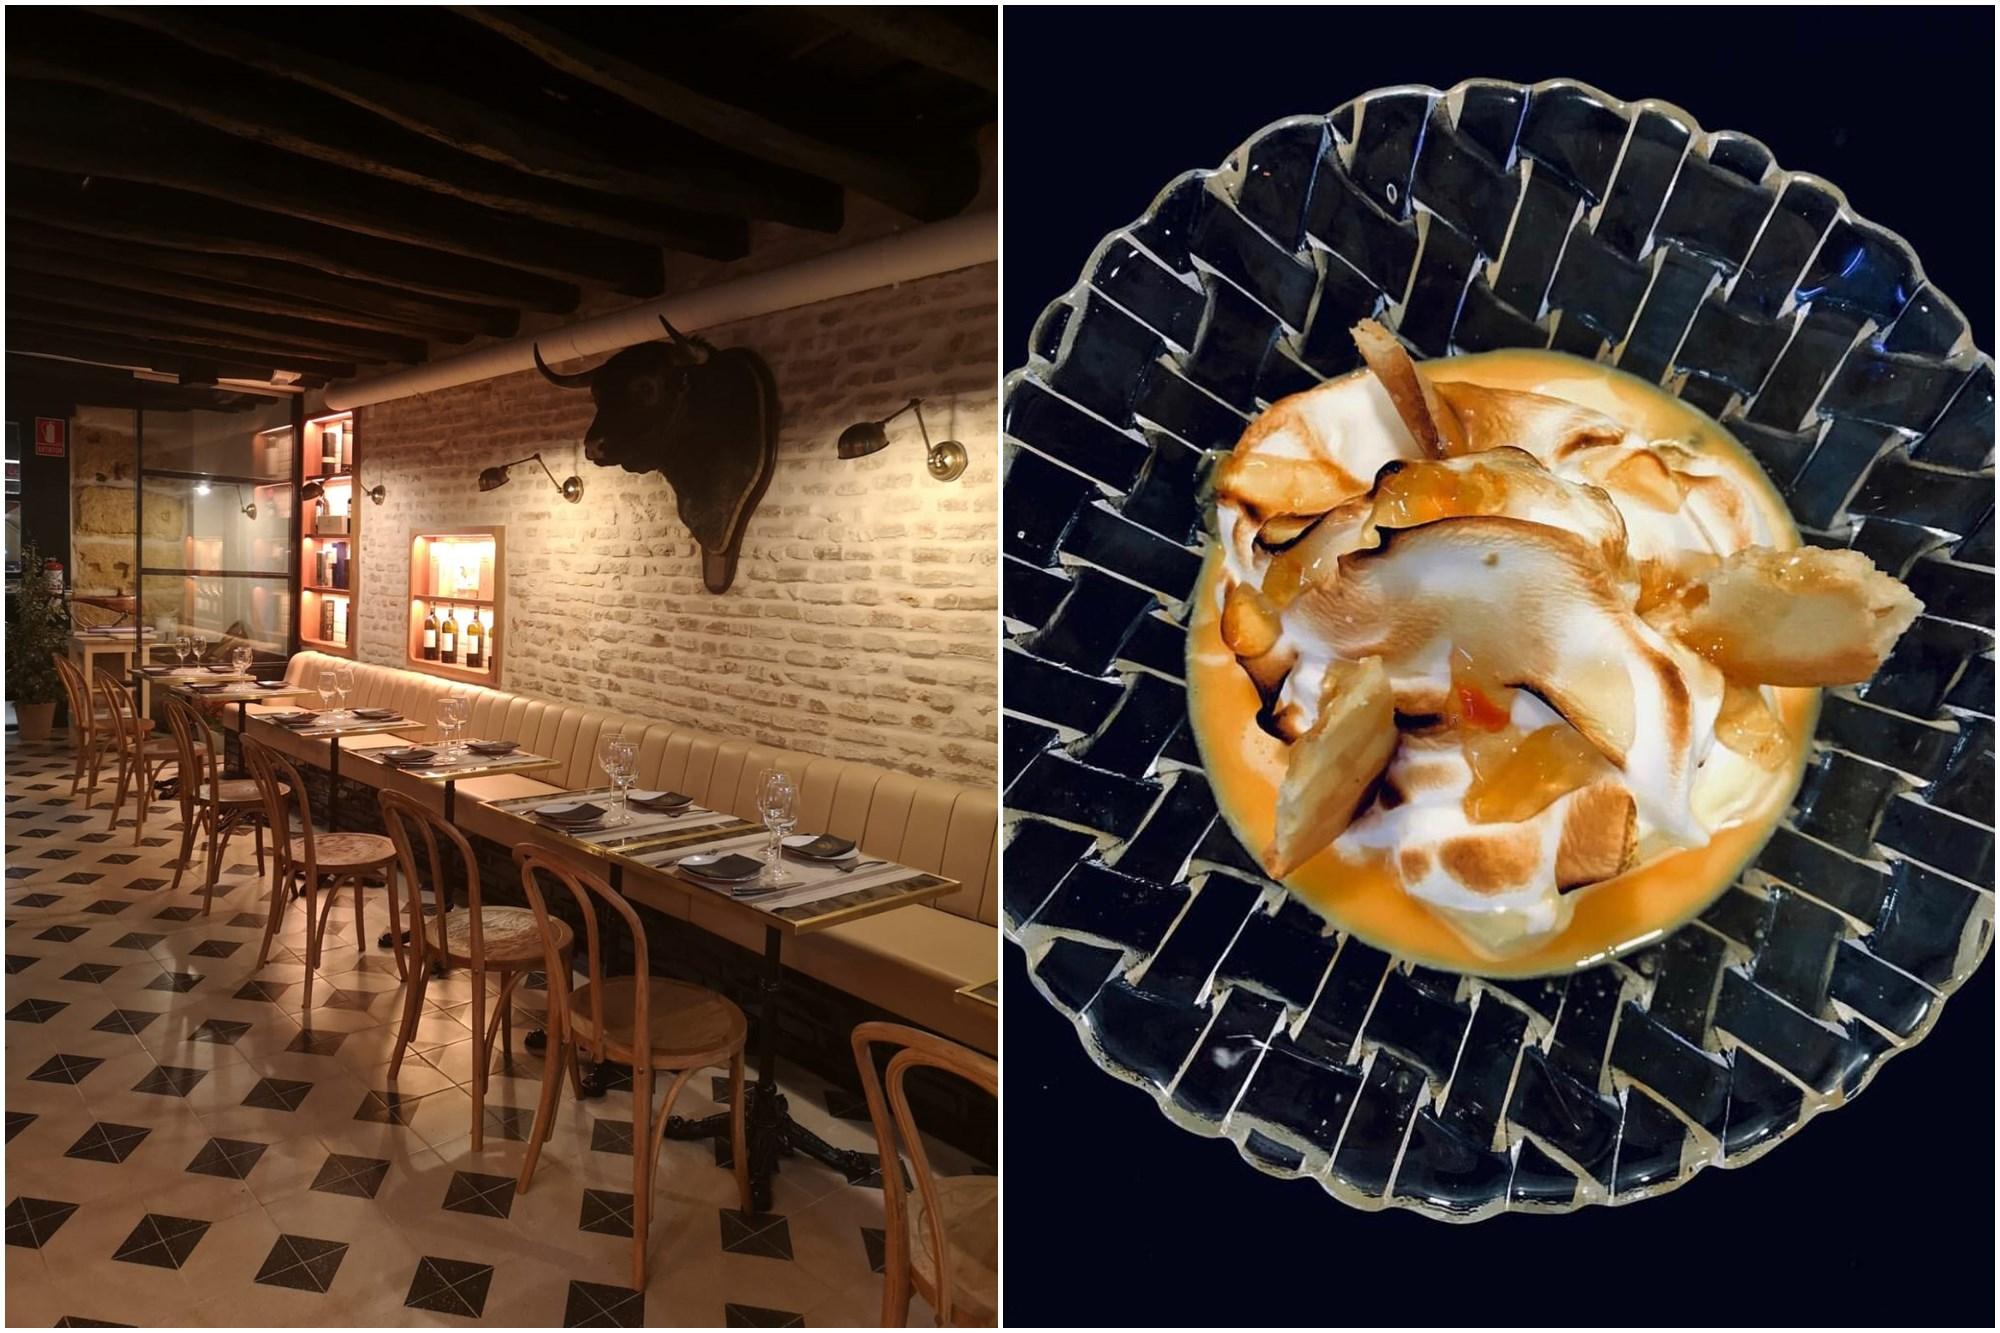 Postre de crema de naranja y merengue. A la izquierda, detalle del salón. Foto: 'Restaurante Señorío'.